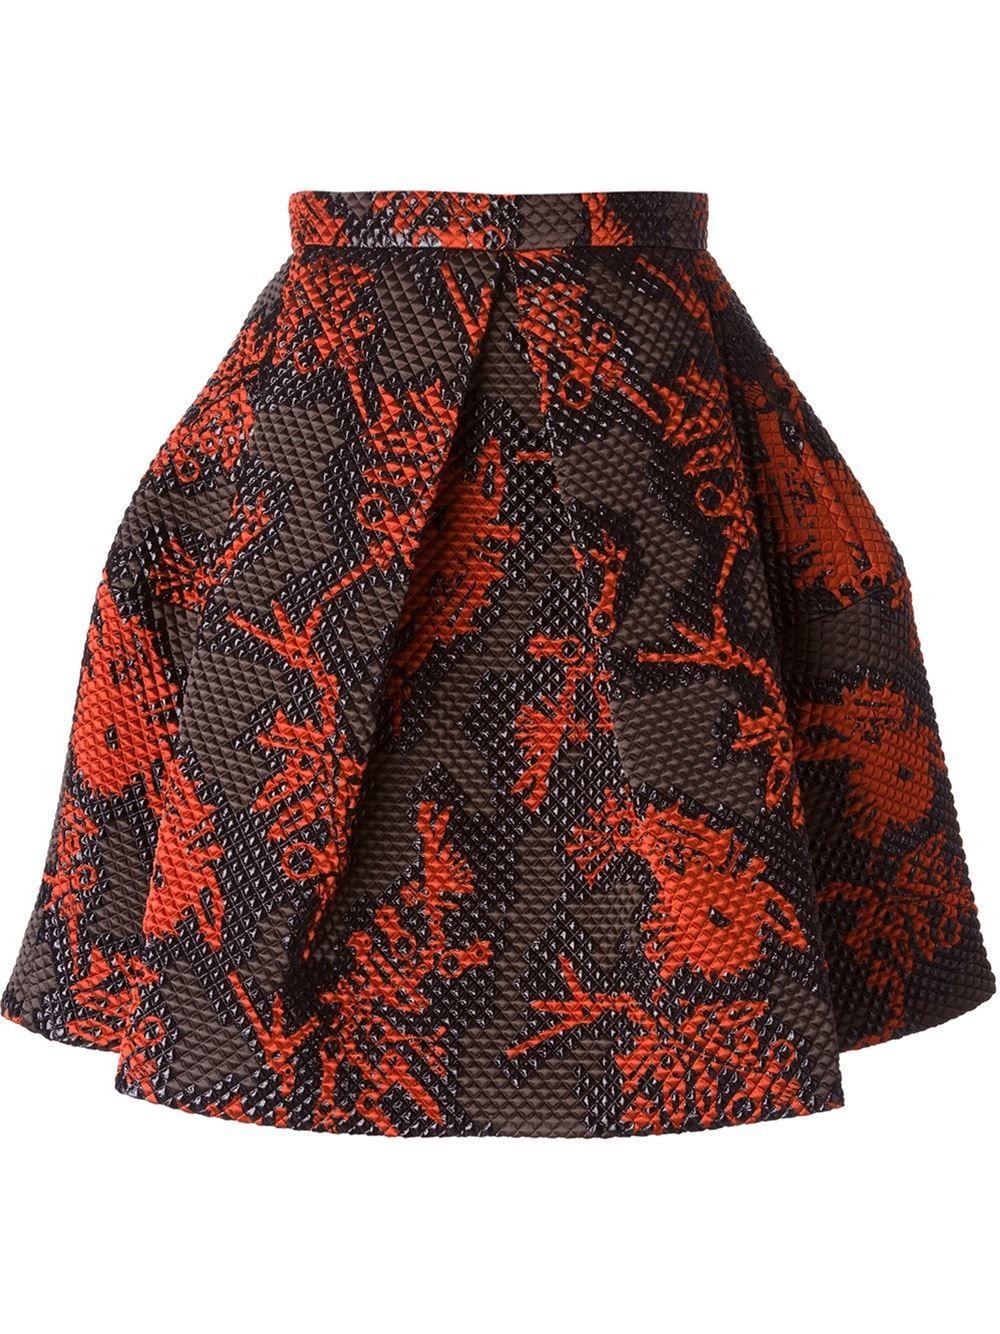 KENZO 'Monster' skirt